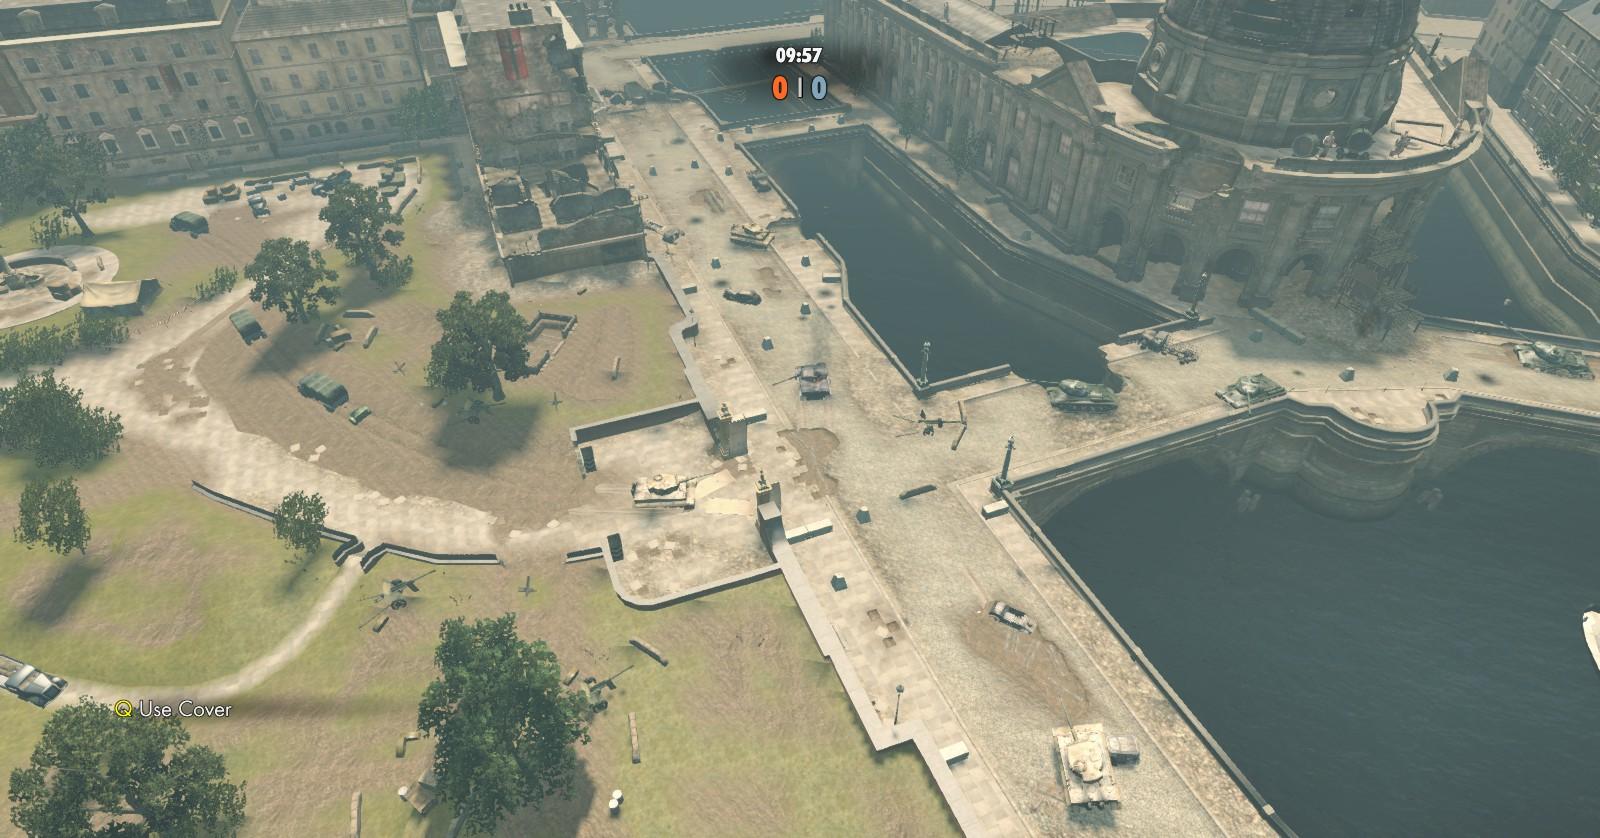 kickass sniper elite 3 reloaded crack only